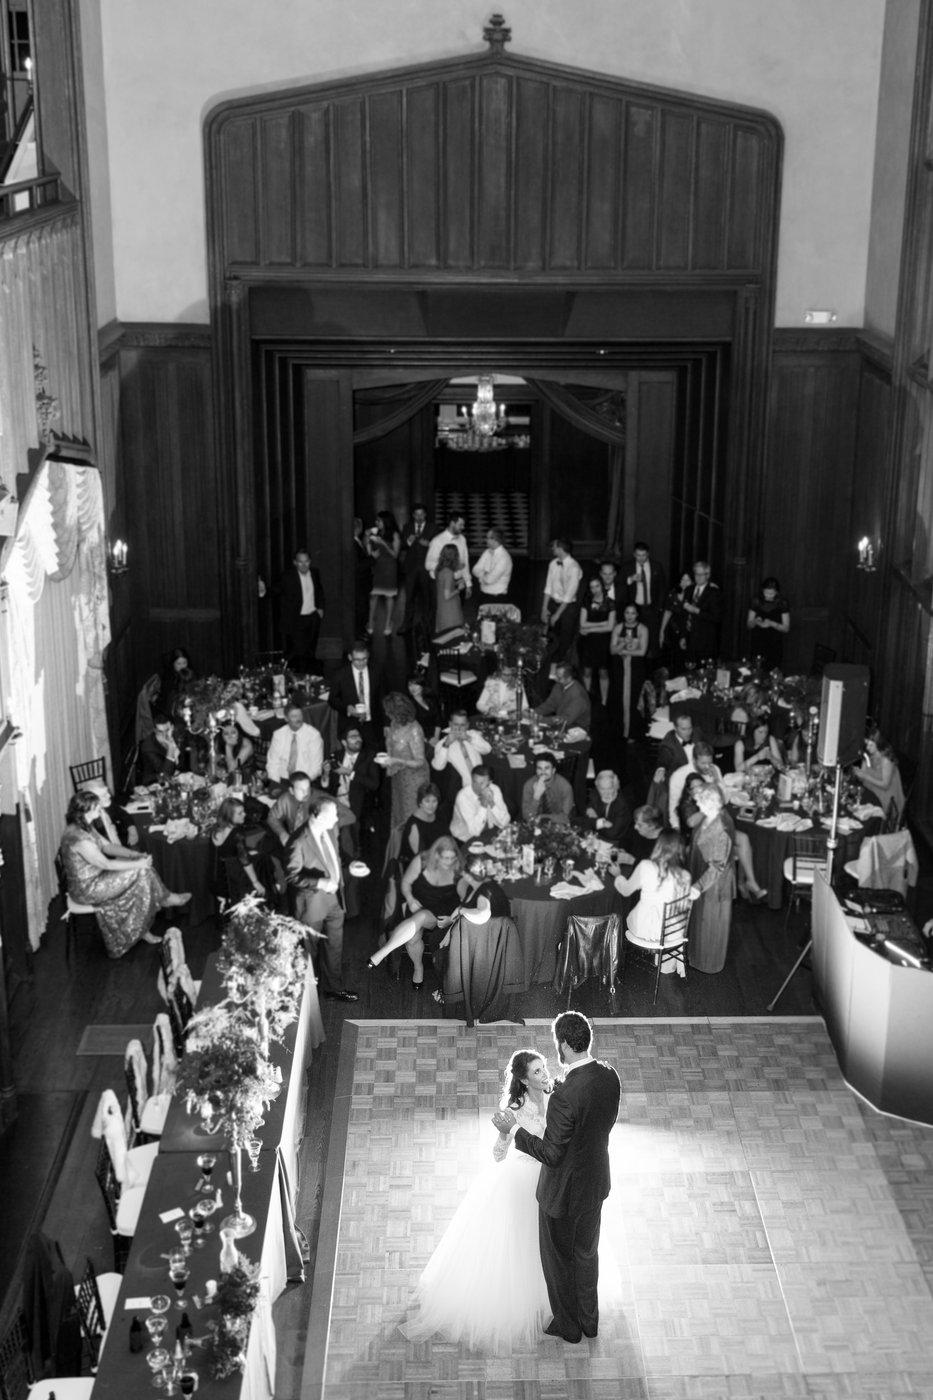 Kohl-Mansion-indoor-ballroom-repcetion.jpg